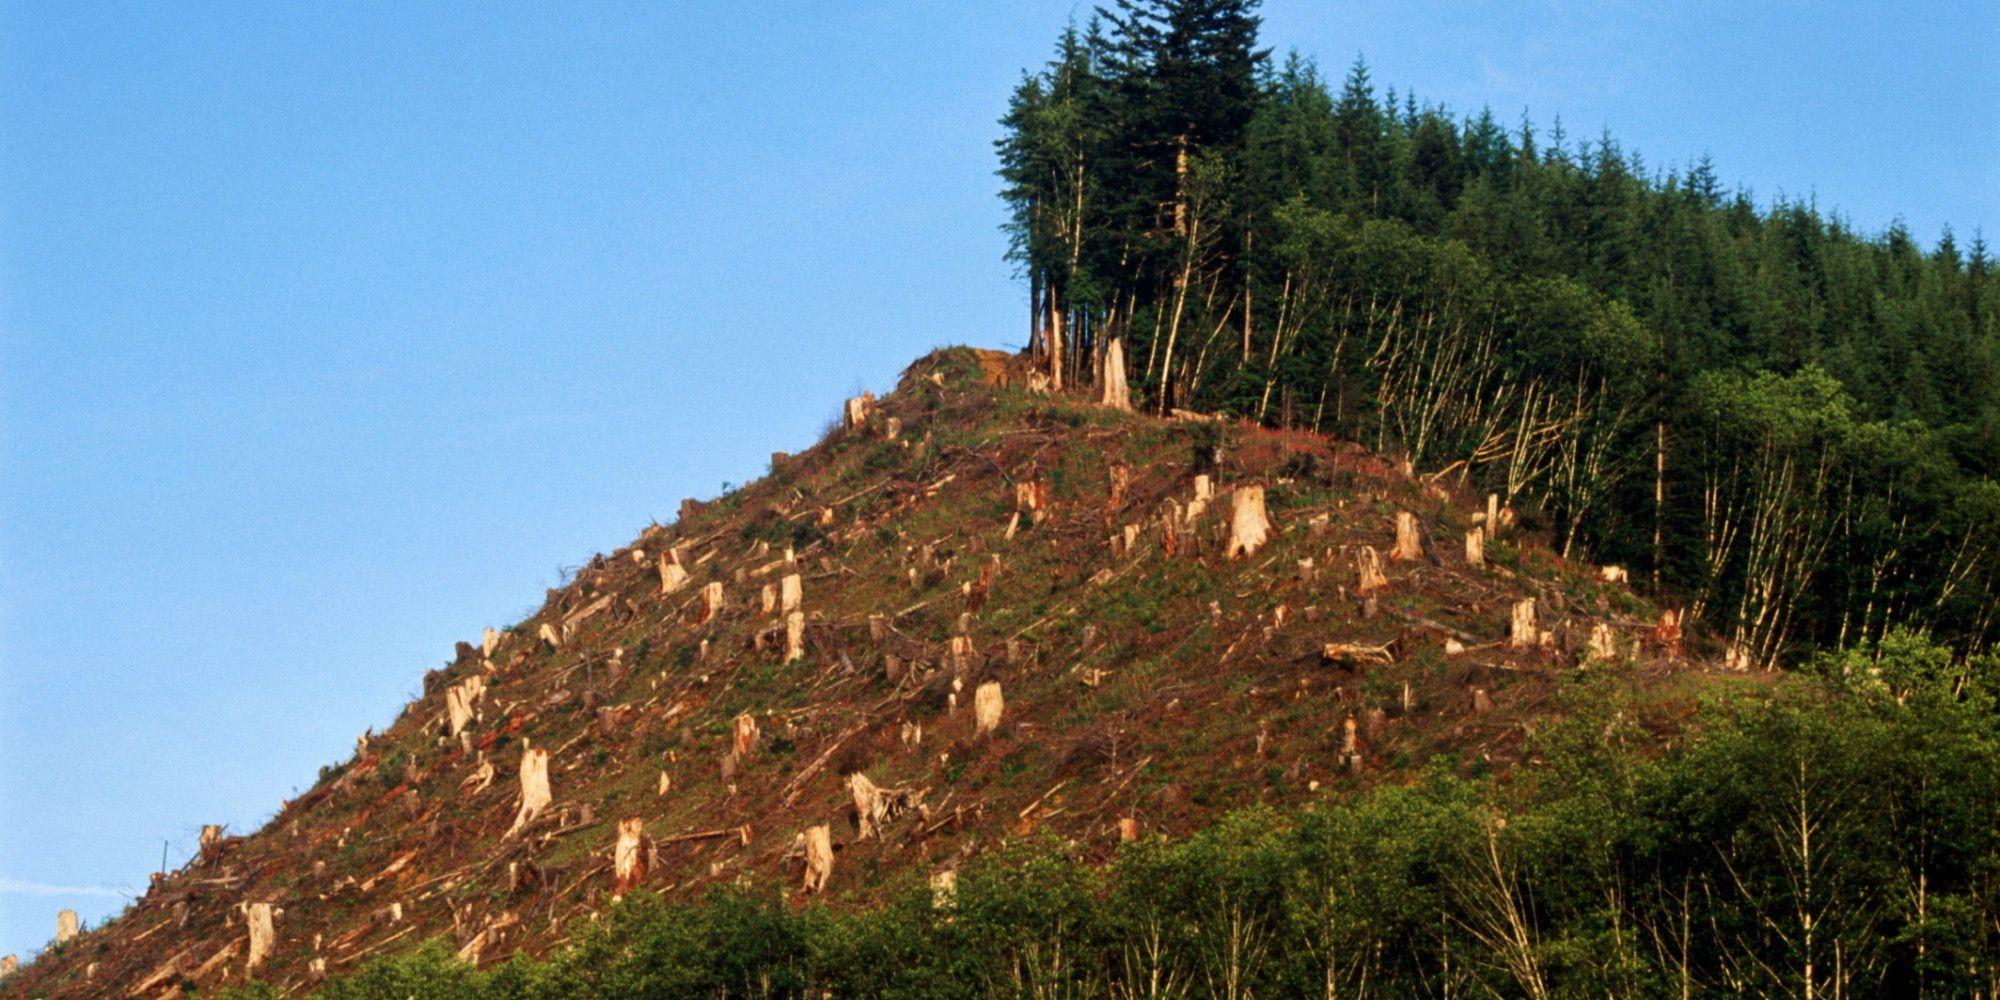 Orman tahribinin yol açtığı toprak erezyonu iklim değişikliğini tetikliyor